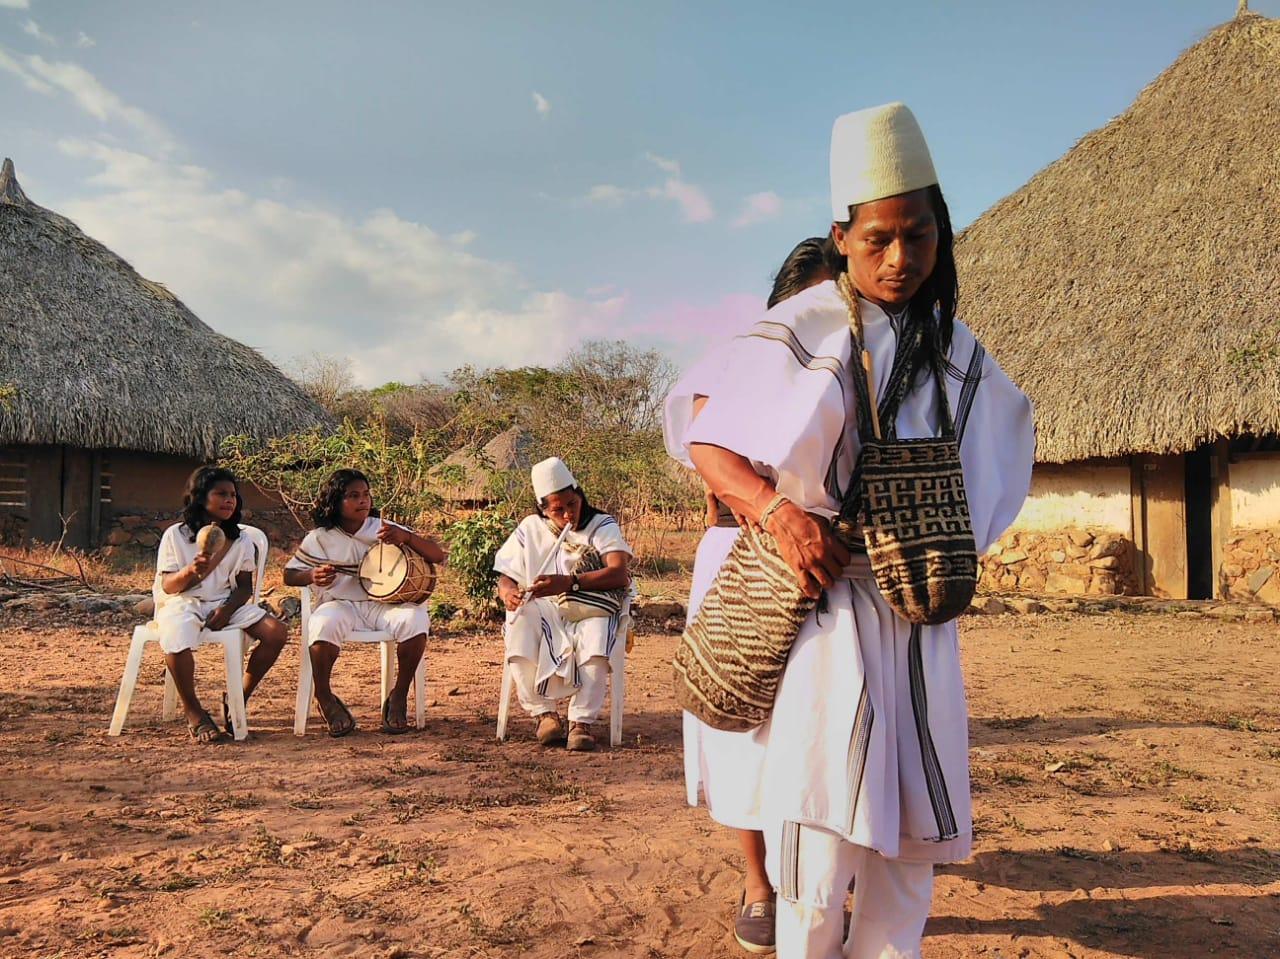 El grupo cultural fue creado hace tres años en Pueblo Bello, Cesar.   FOTO: CORTESÍA.